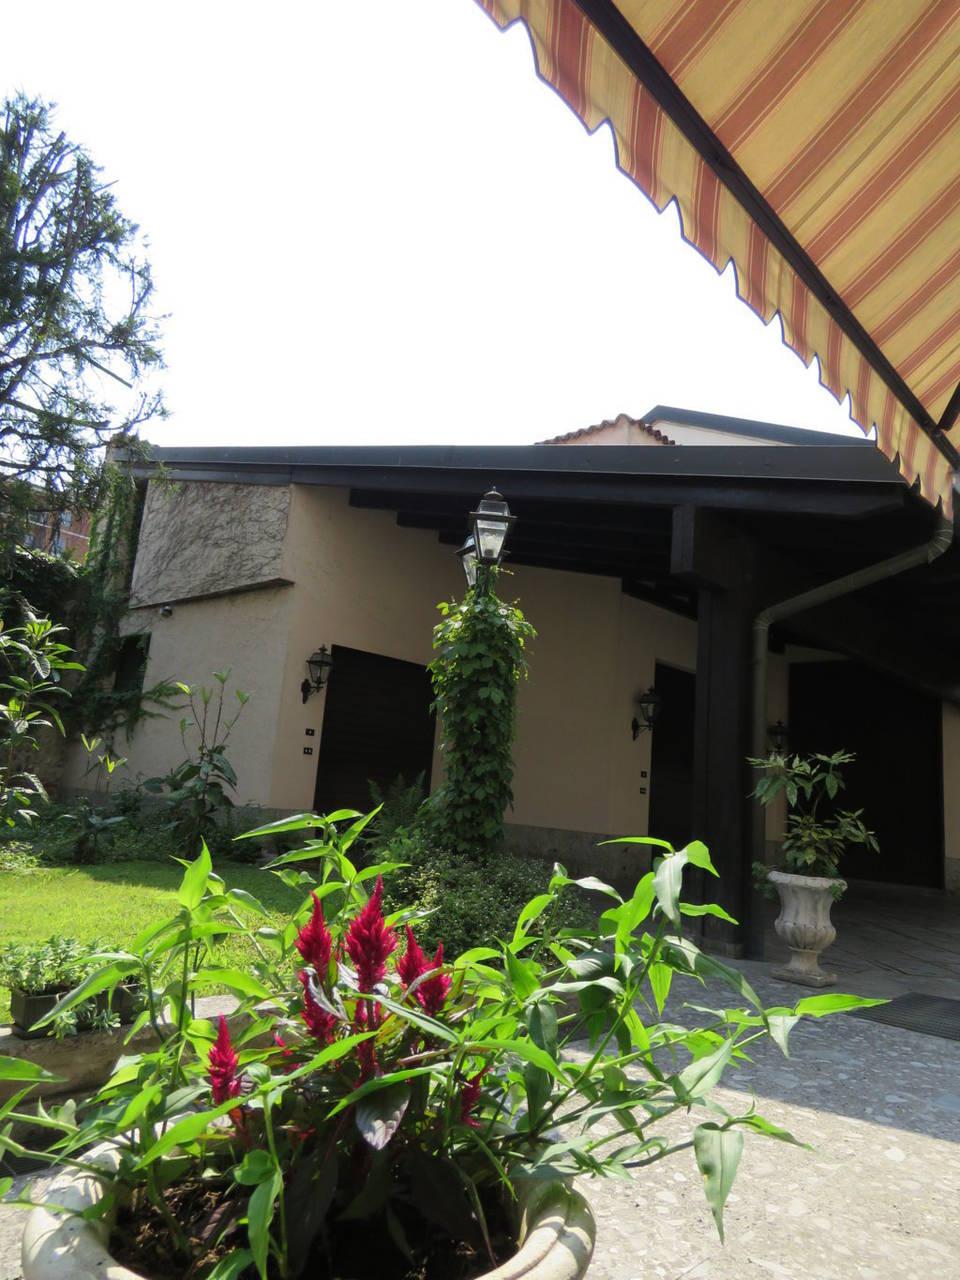 Villa-Epoca-di-pregio-in-vendita-a-Monza-7